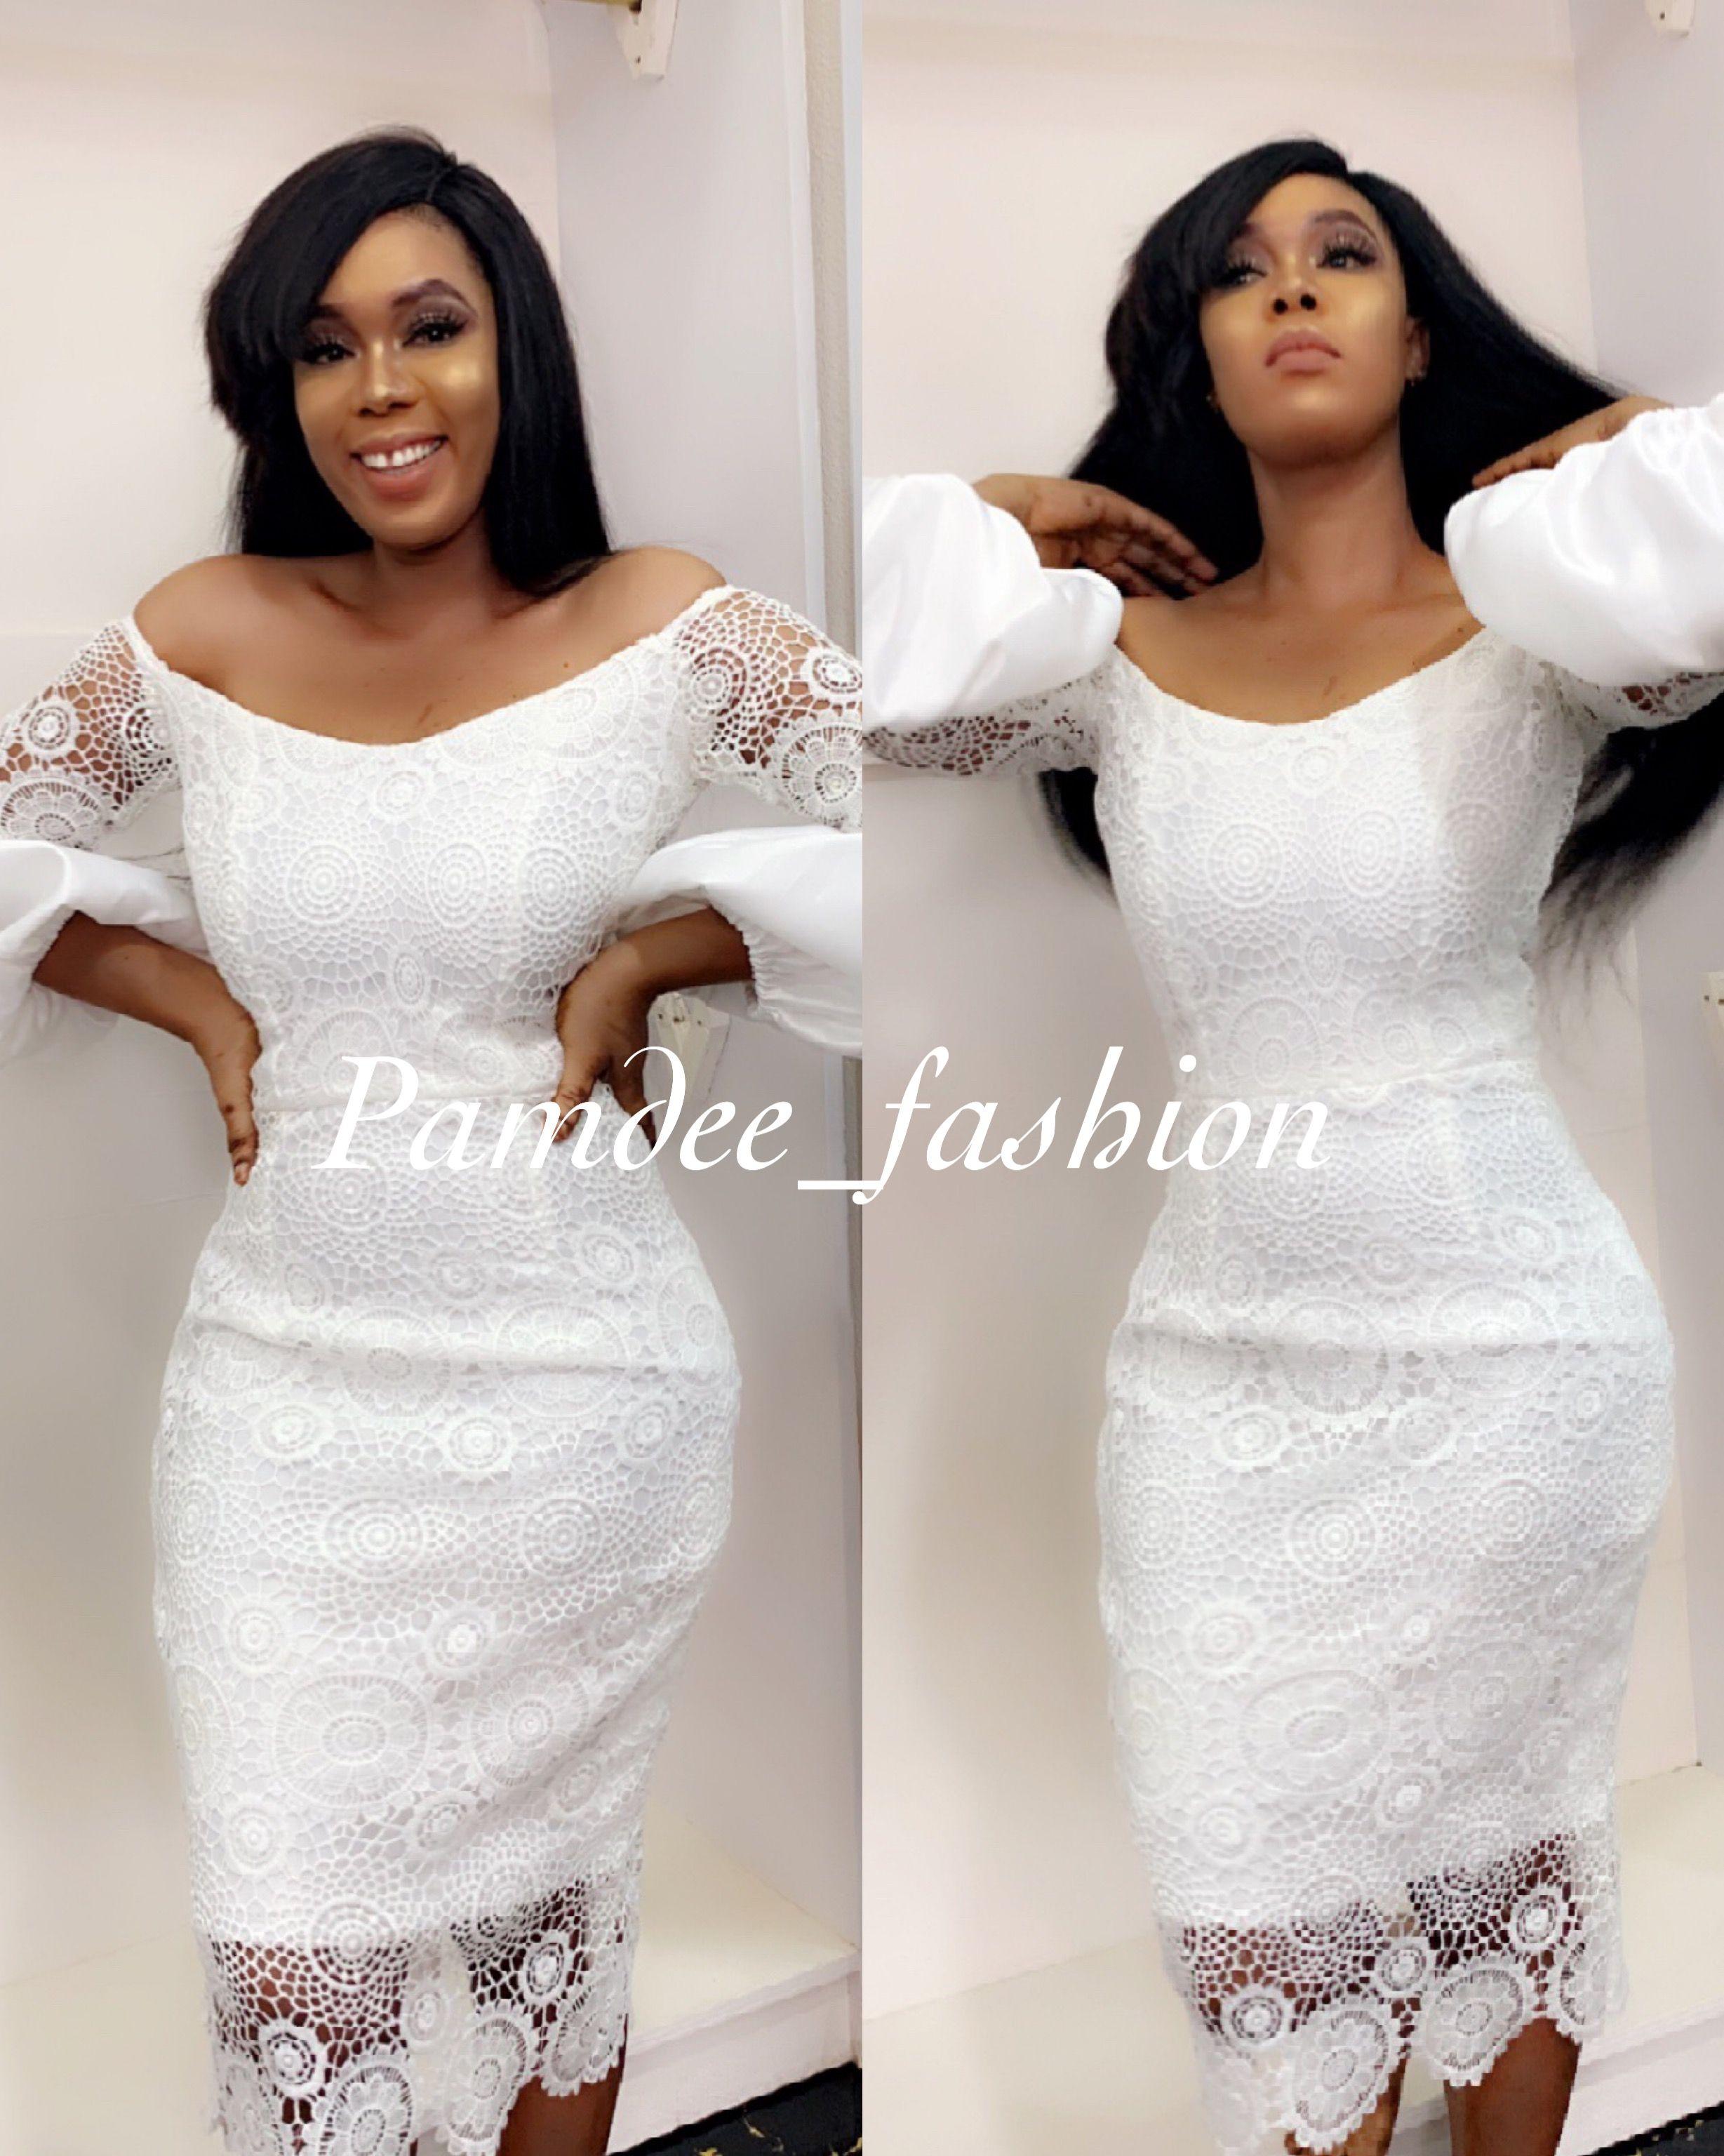 Pin By Pamdee Fashion On Pamdee African Lace Dresses Simple Lace Dress African Lace Styles